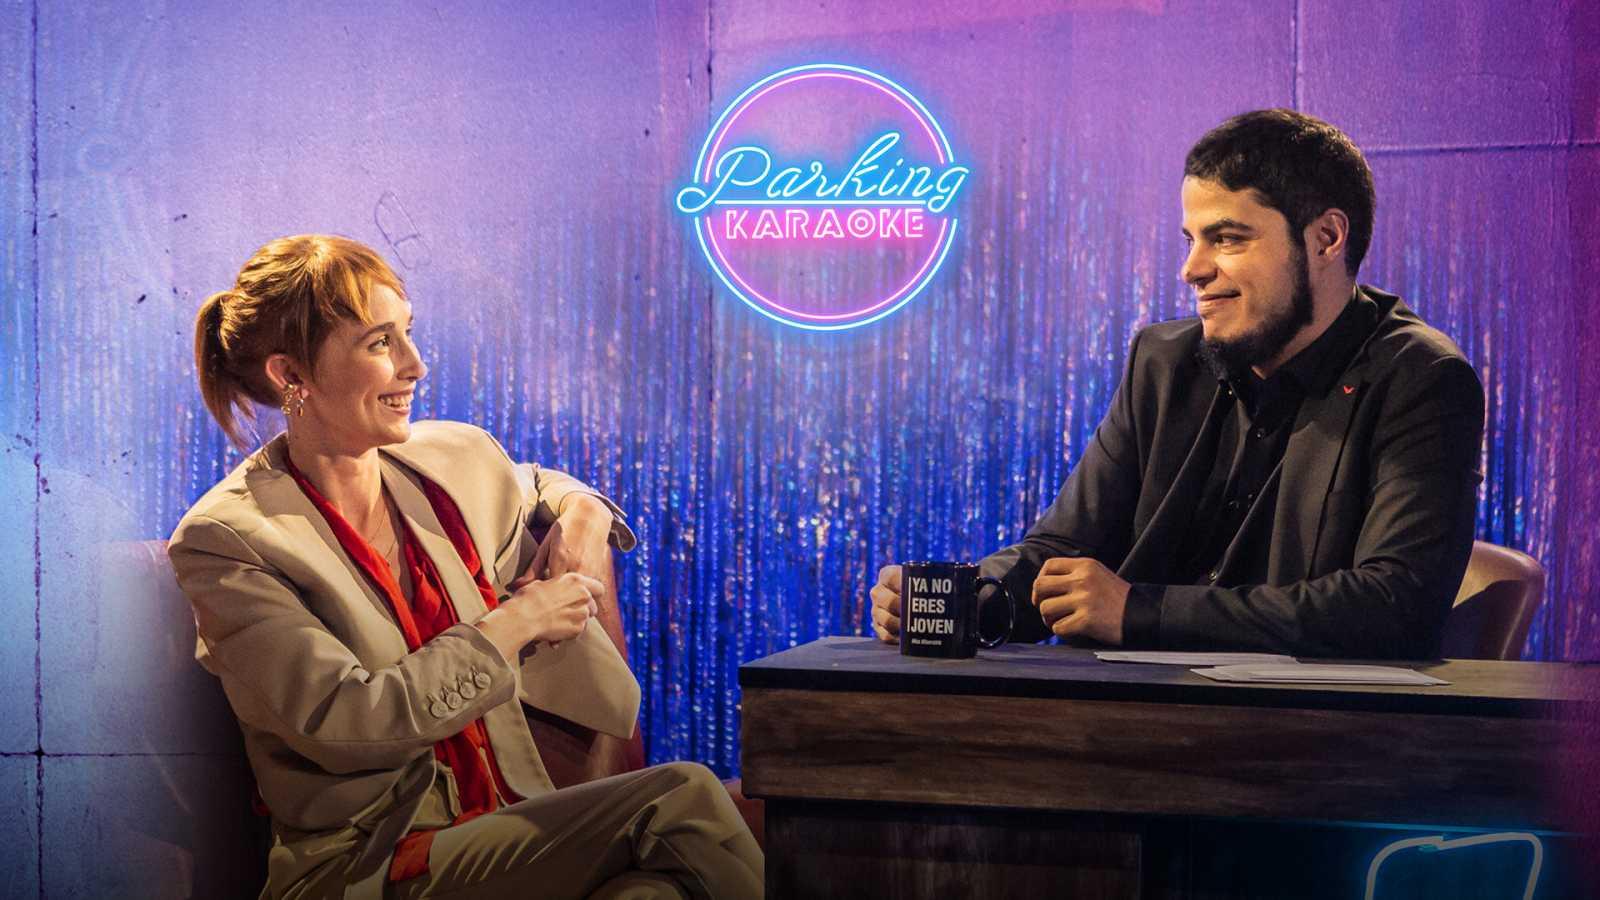 Ingrid García-Jonsson, la reina de los late nights, llega a 'Parking Karaoke' para darle caña a David Sainz